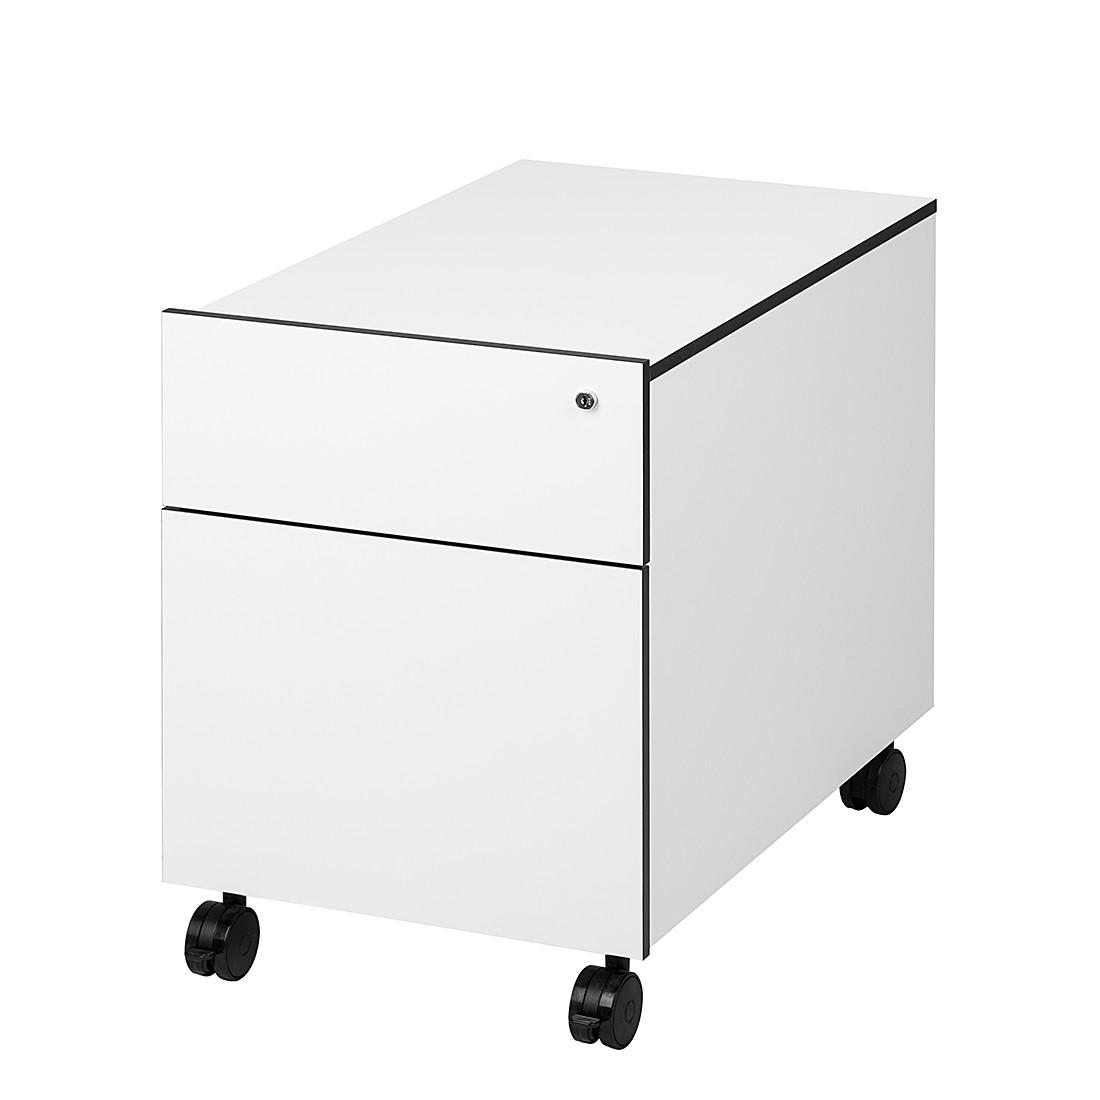 Rollcontainer Bianconero - mit 2 Schubladen - weiß mit schwarzen Kanten